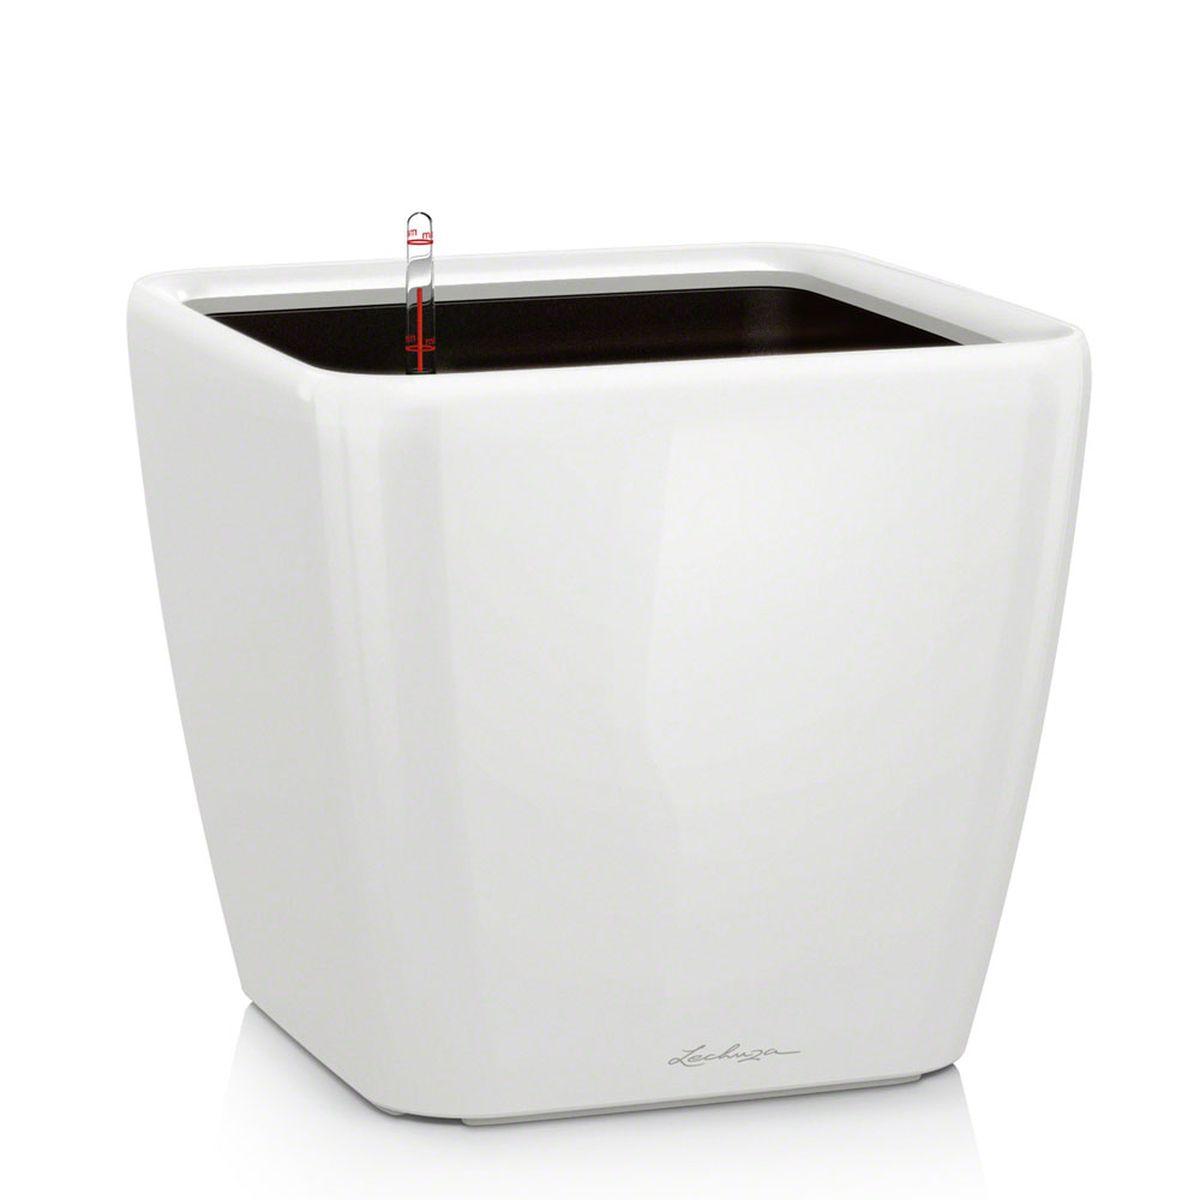 Кашпо Lechuza Quadro, с системой автополива, цвет: белый, 33 х 33 х 35 см16160Кашпо Lechuza Quadro, выполненное из высококачественного пластика, имеет уникальную систему автополива, благодаря которой корневая система растения непрерывно снабжается влагой из резервуара. Уровень воды в резервуаре контролируется с помощью специального индикатора. В зависимости от размера кашпо и растения воды хватает на 2-12 недель. Это способствует хорошему росту цветов и предотвращает переувлажнение.В набор входит: кашпо, внутренний горшок, индикатор уровня воды, вал подачи воды, субстрат растений в качестве дренажного слоя, резервуар для воды.Кашпо Lechuza Quadro прекрасно впишется в любой интерьер. Оно поможет расставить нужные акценты и придаст помещению вид, соответствующий вашим представлениям.